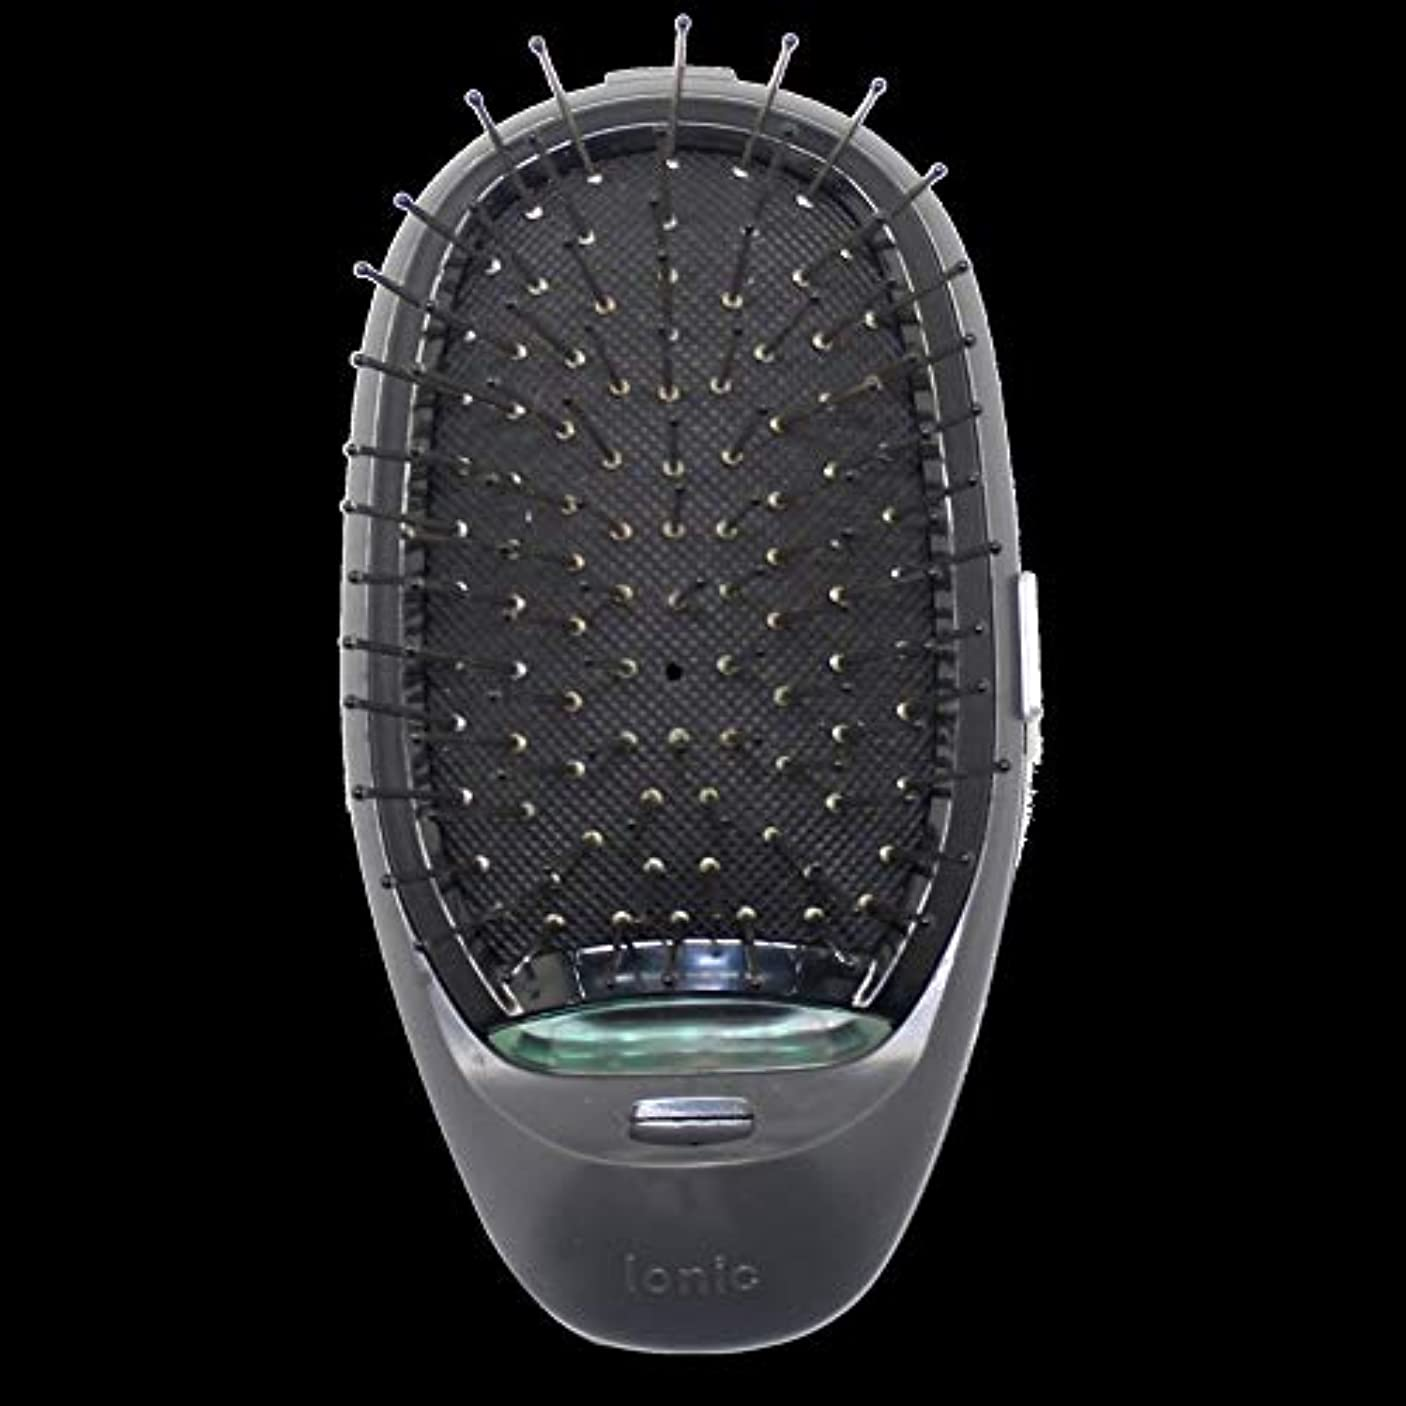 打ち上げる血まみれ単位電動マッサージヘアブラシミニマイナスイオンヘアコム3Dインフレータブルコーム帯電防止ガールズヘアブラシ電池式 - ブラック